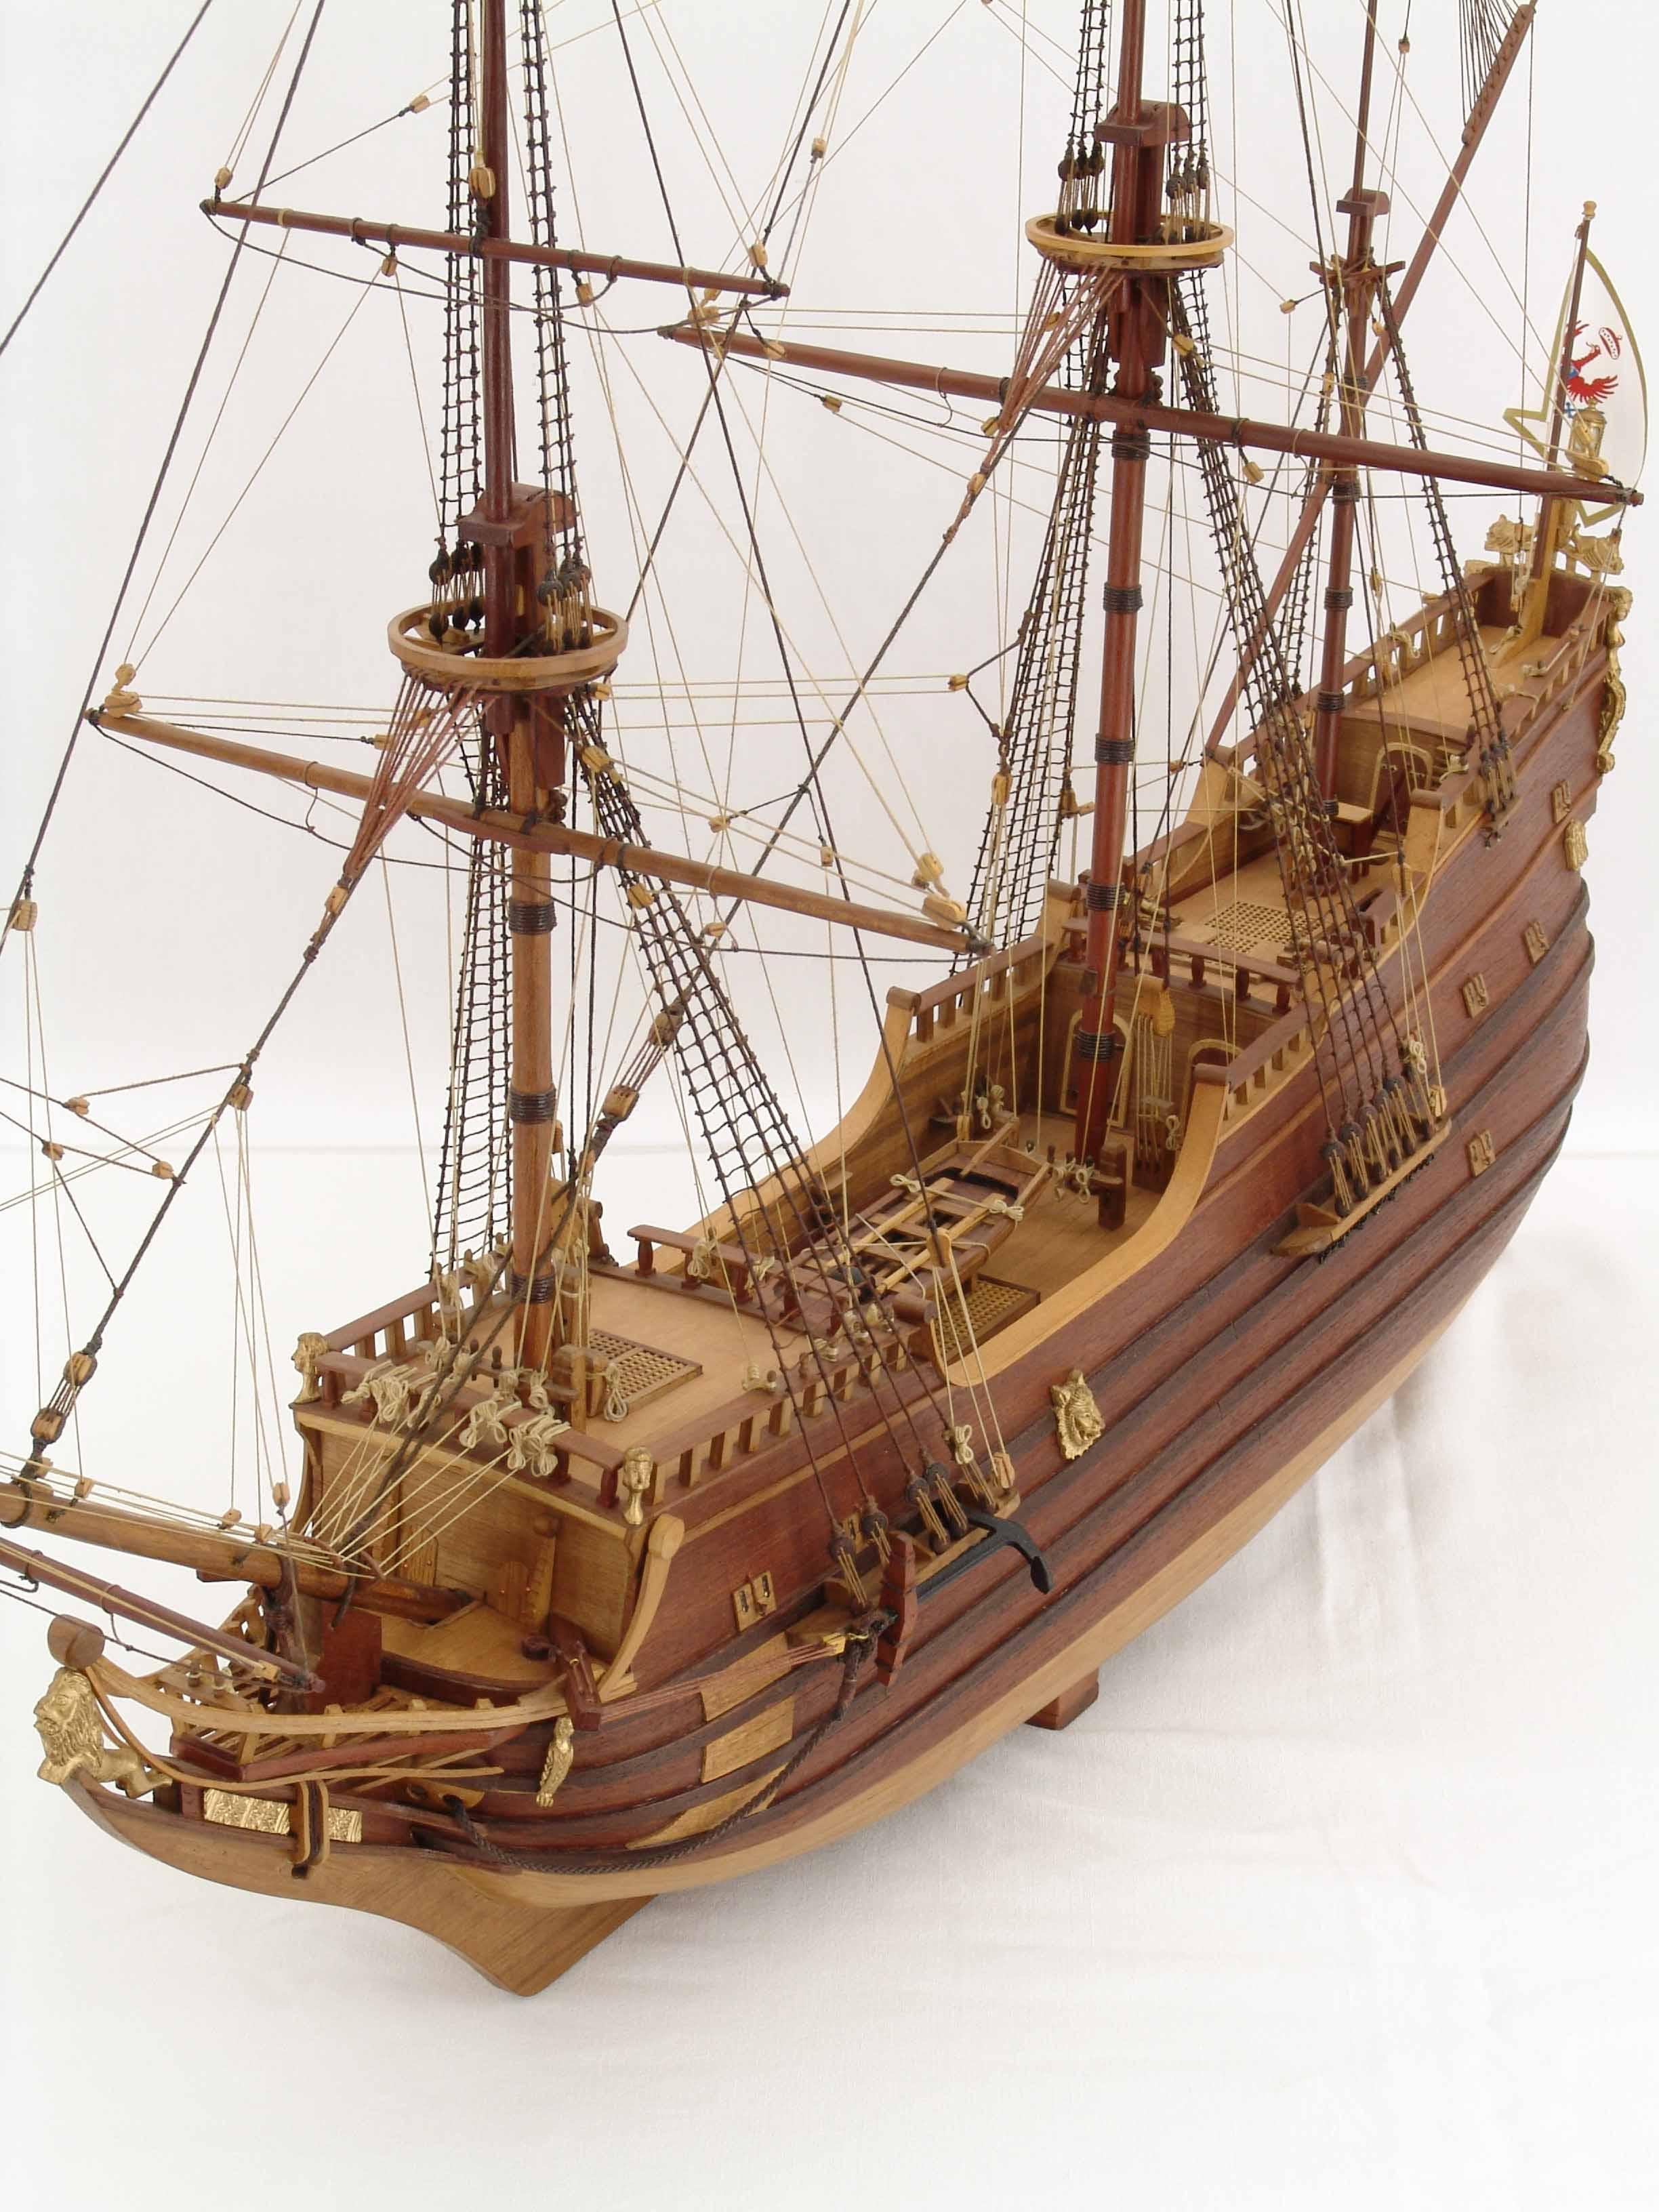 Ship model Derfflinger, close views of details